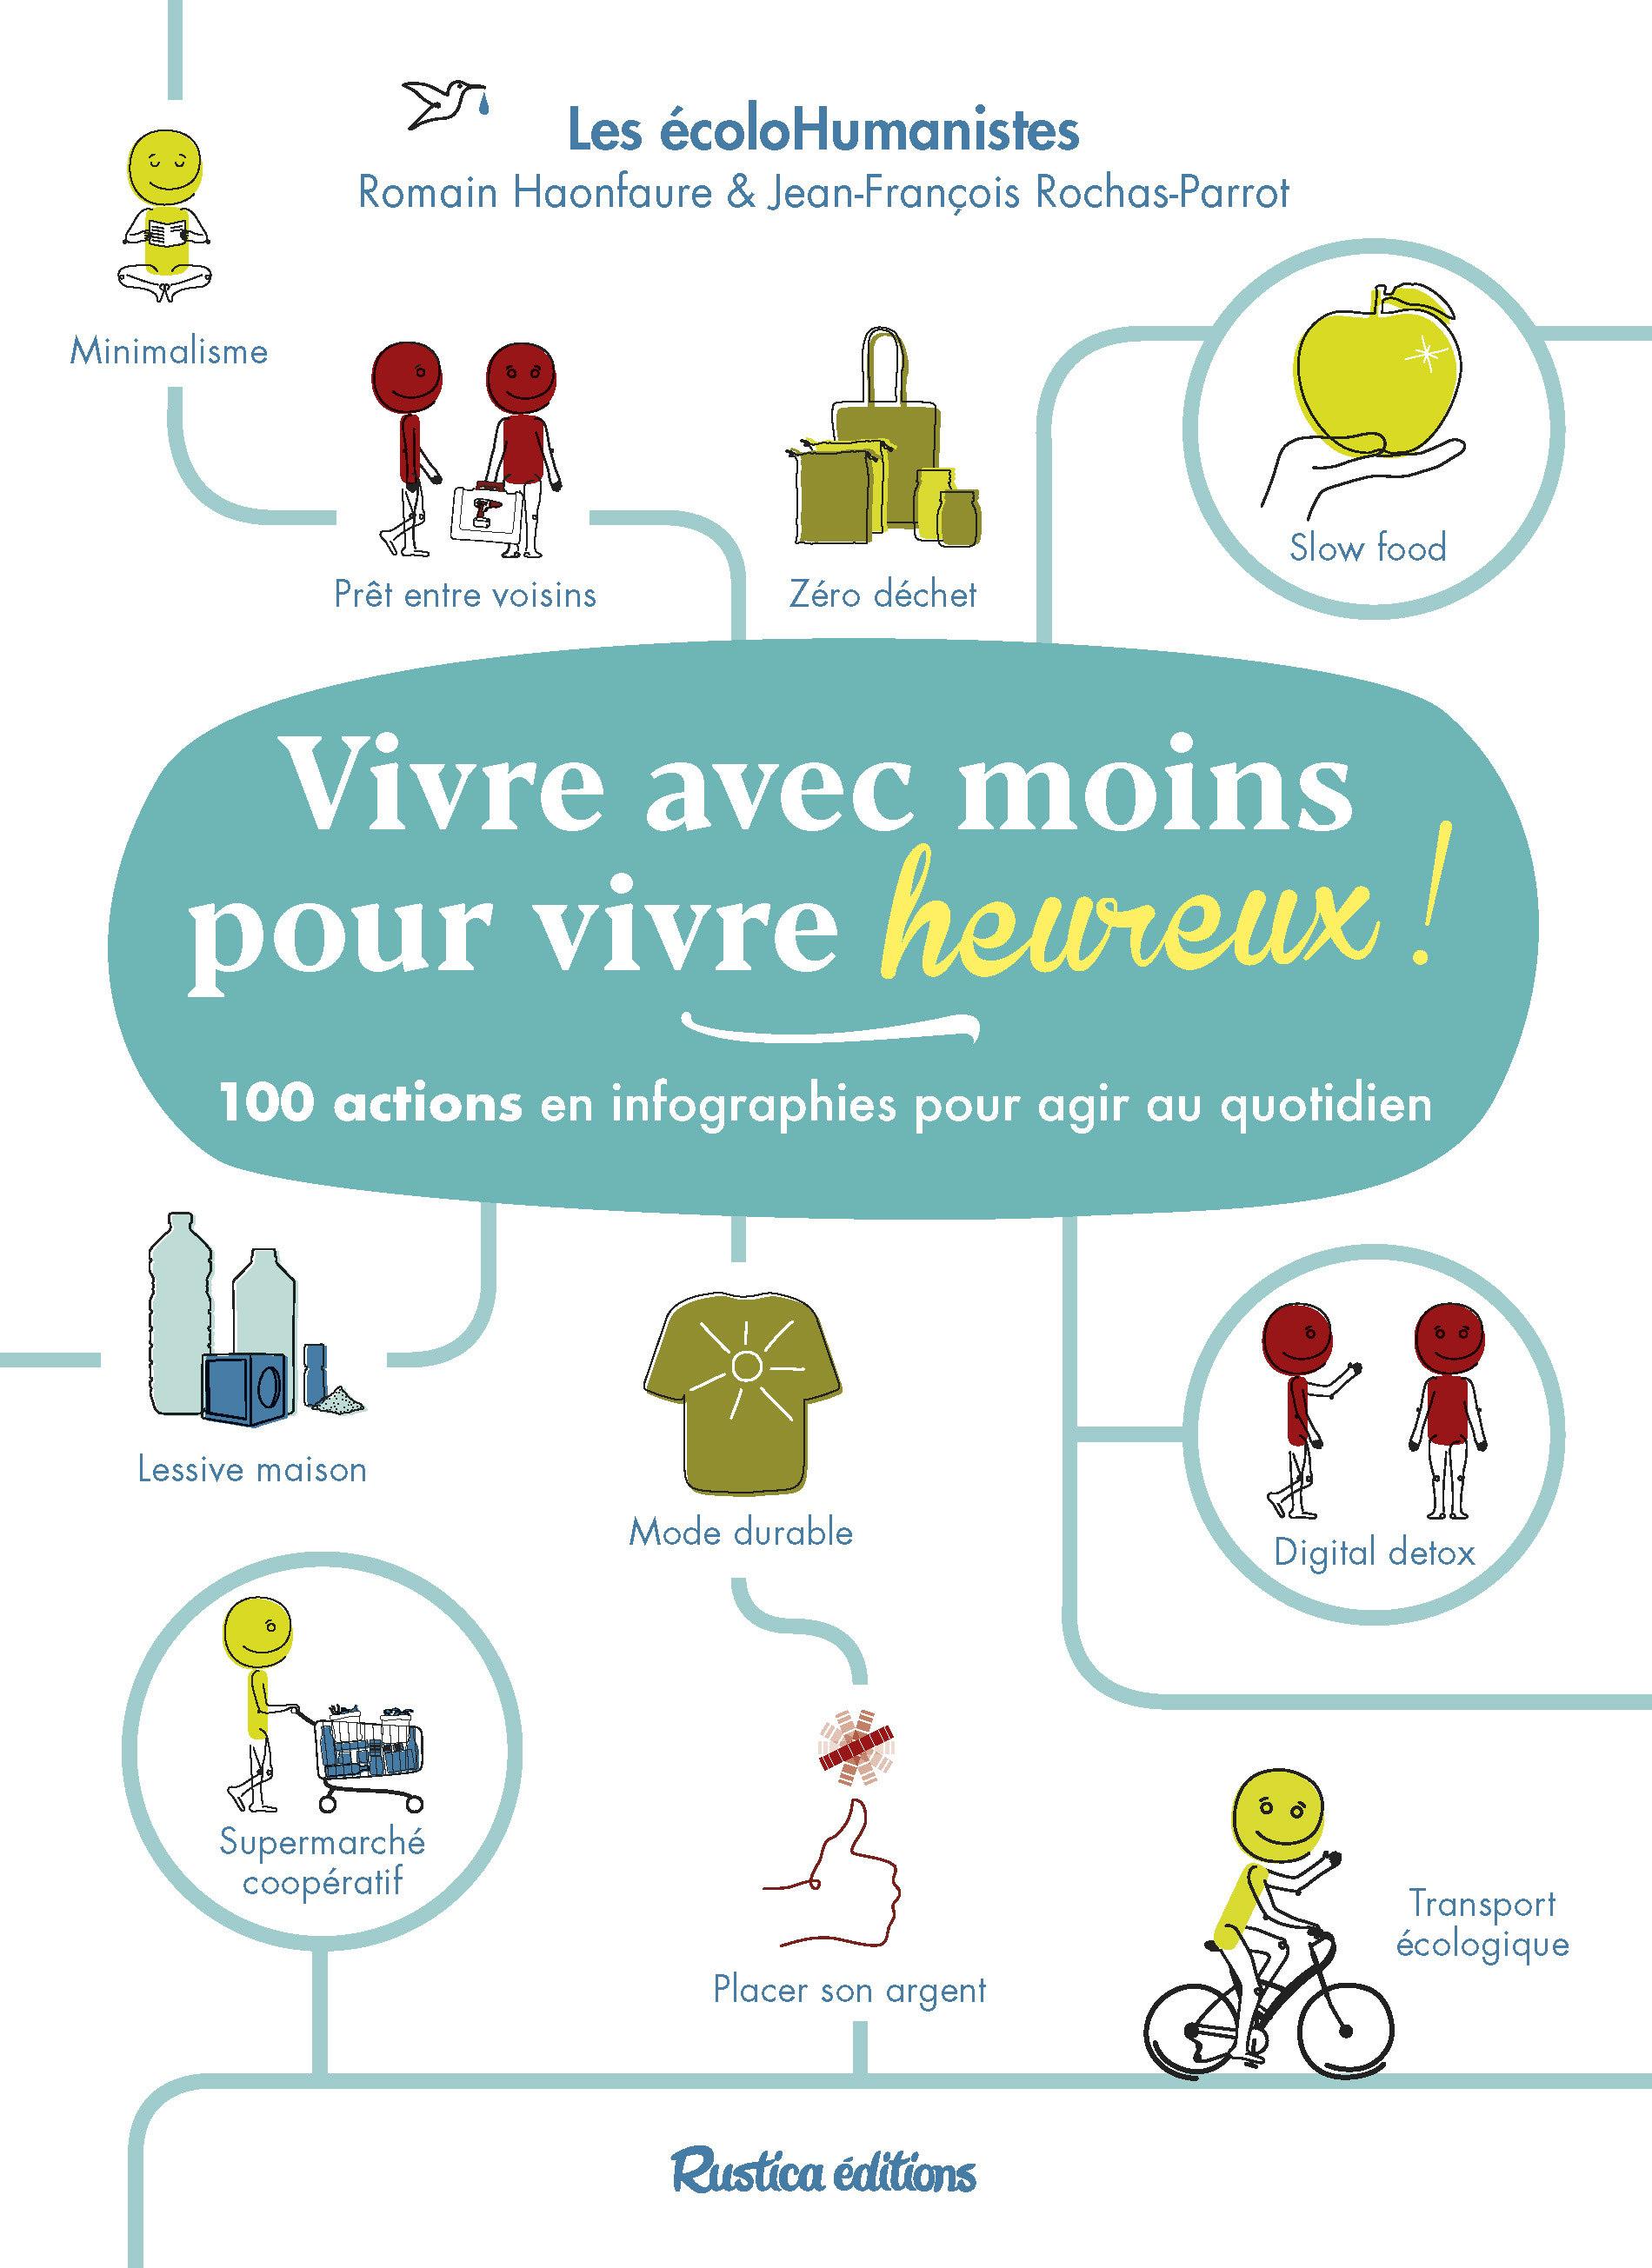 VIVRE AVEC MOINS POUR VIVRE HEUREUX